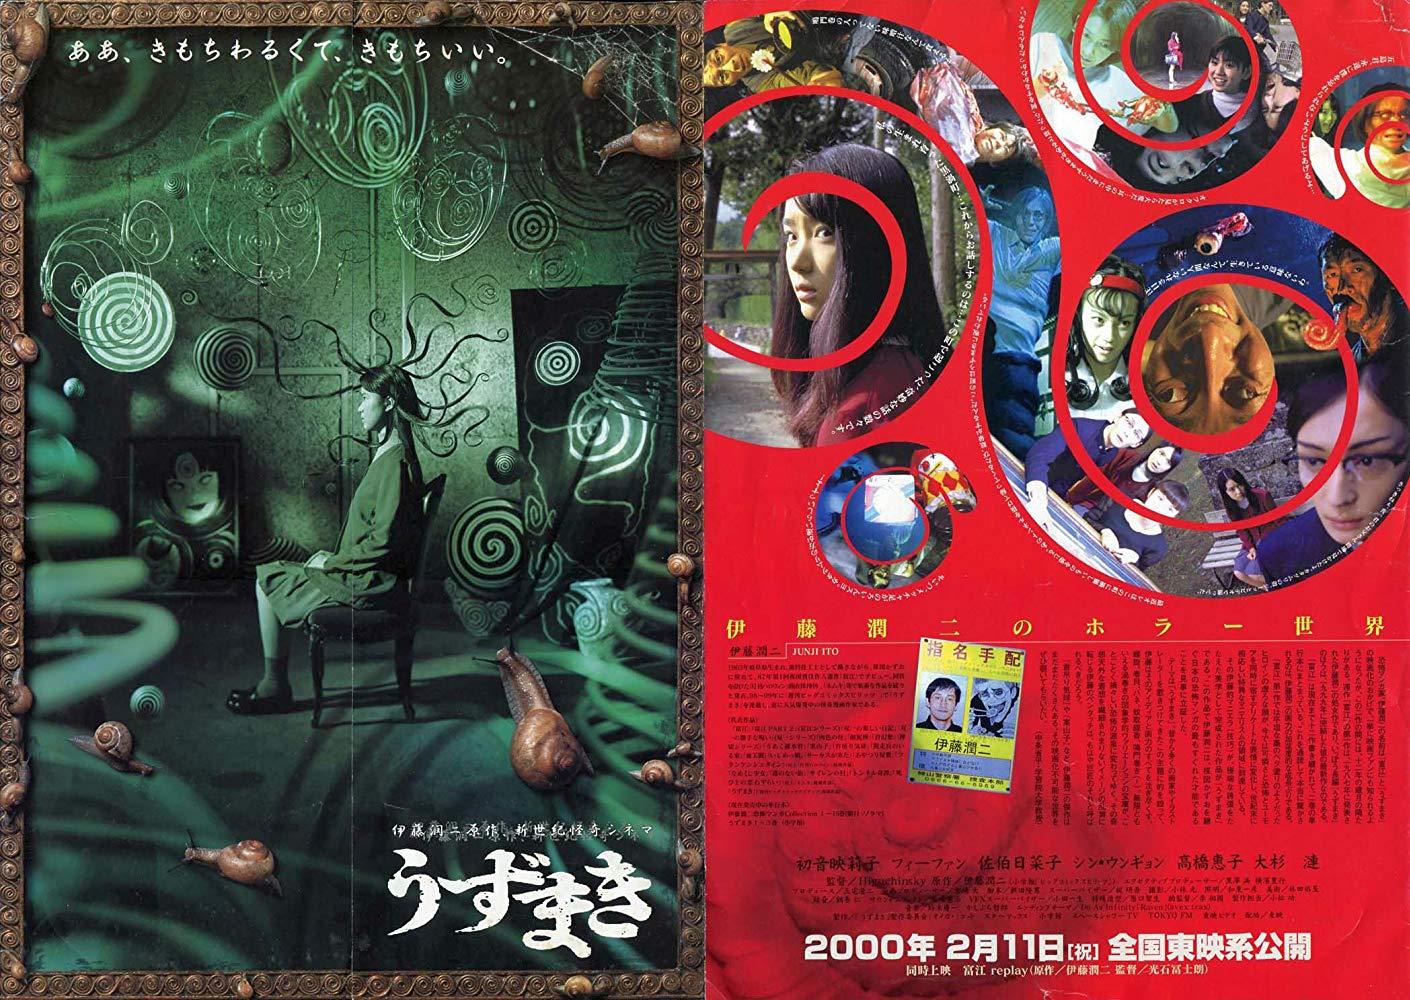 UZUMAKI 1 - 10 فیلم ترسناک ژاپنی که نباید به تنهایی نگاه کنید!